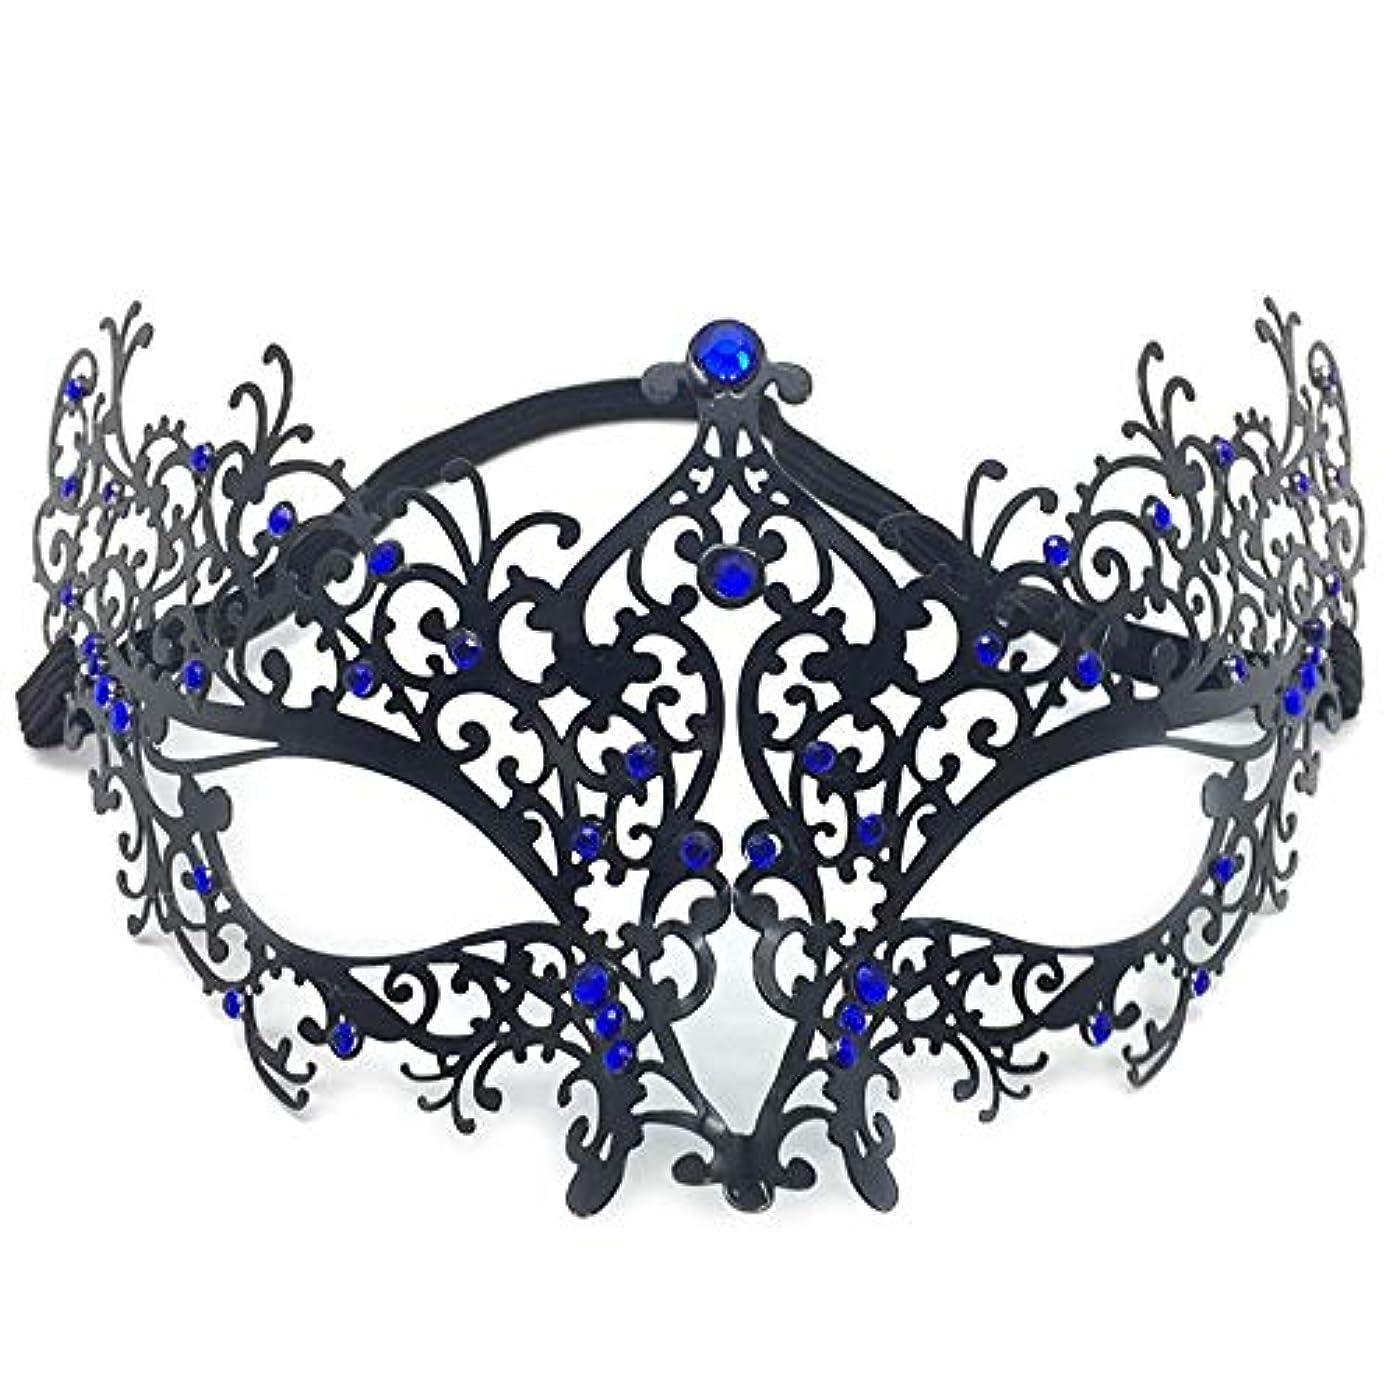 移動する閃光精査仮面舞踏会アイアンマスクパーティーCOSはメタリックダイヤモンドハーフフェイスハロウィンアイアンマスクをドレスアップ (Color : A)